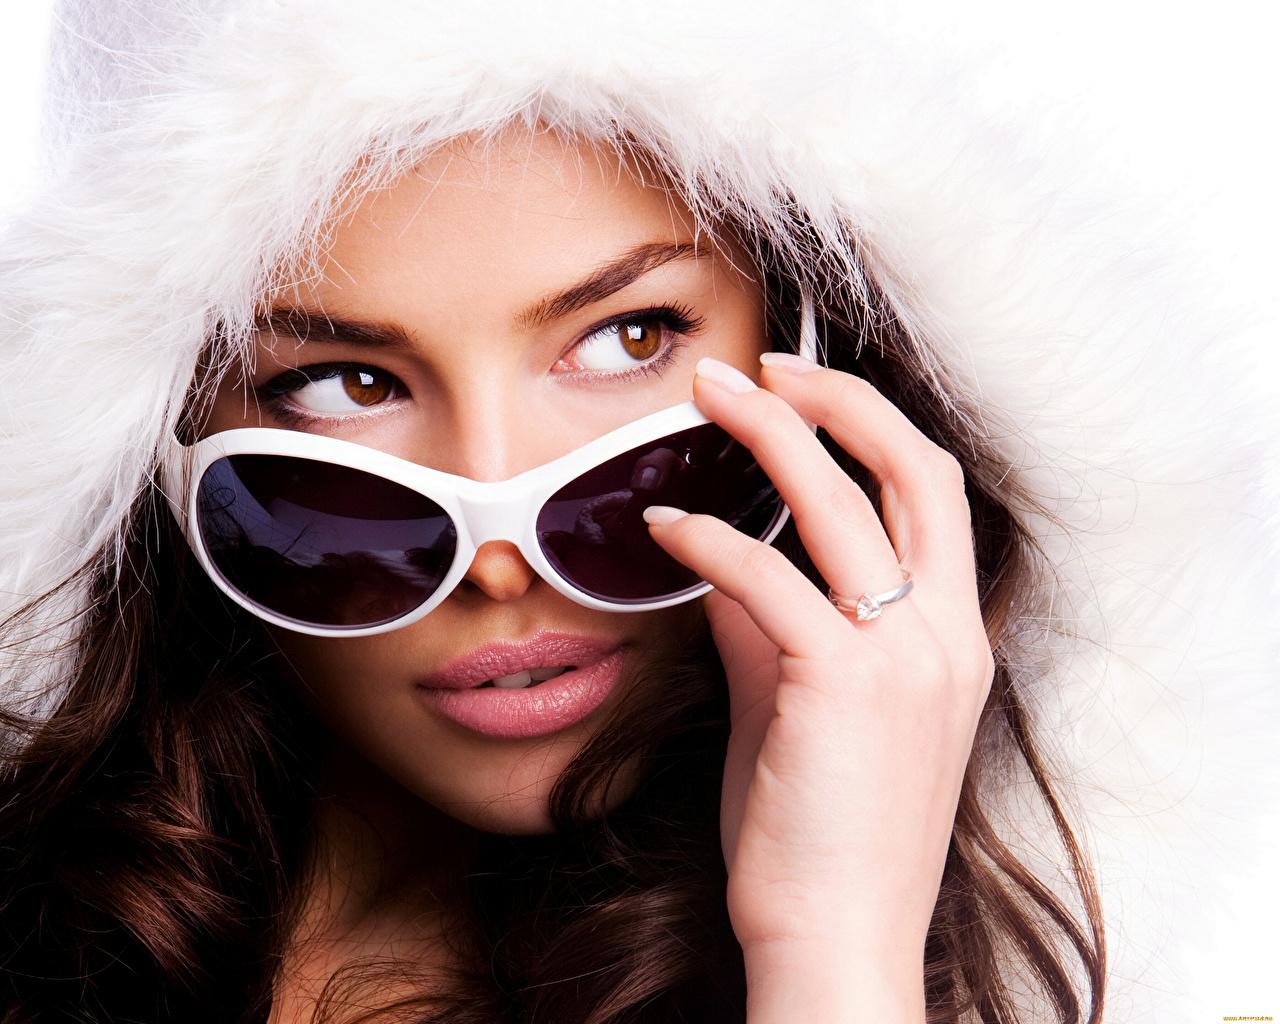 Фотография Красивые Девушки очках Пальцы смотрит капюшоне красивый красивая девушка молодые женщины молодая женщина Очки очков Взгляд Капюшон смотрят капюшоном